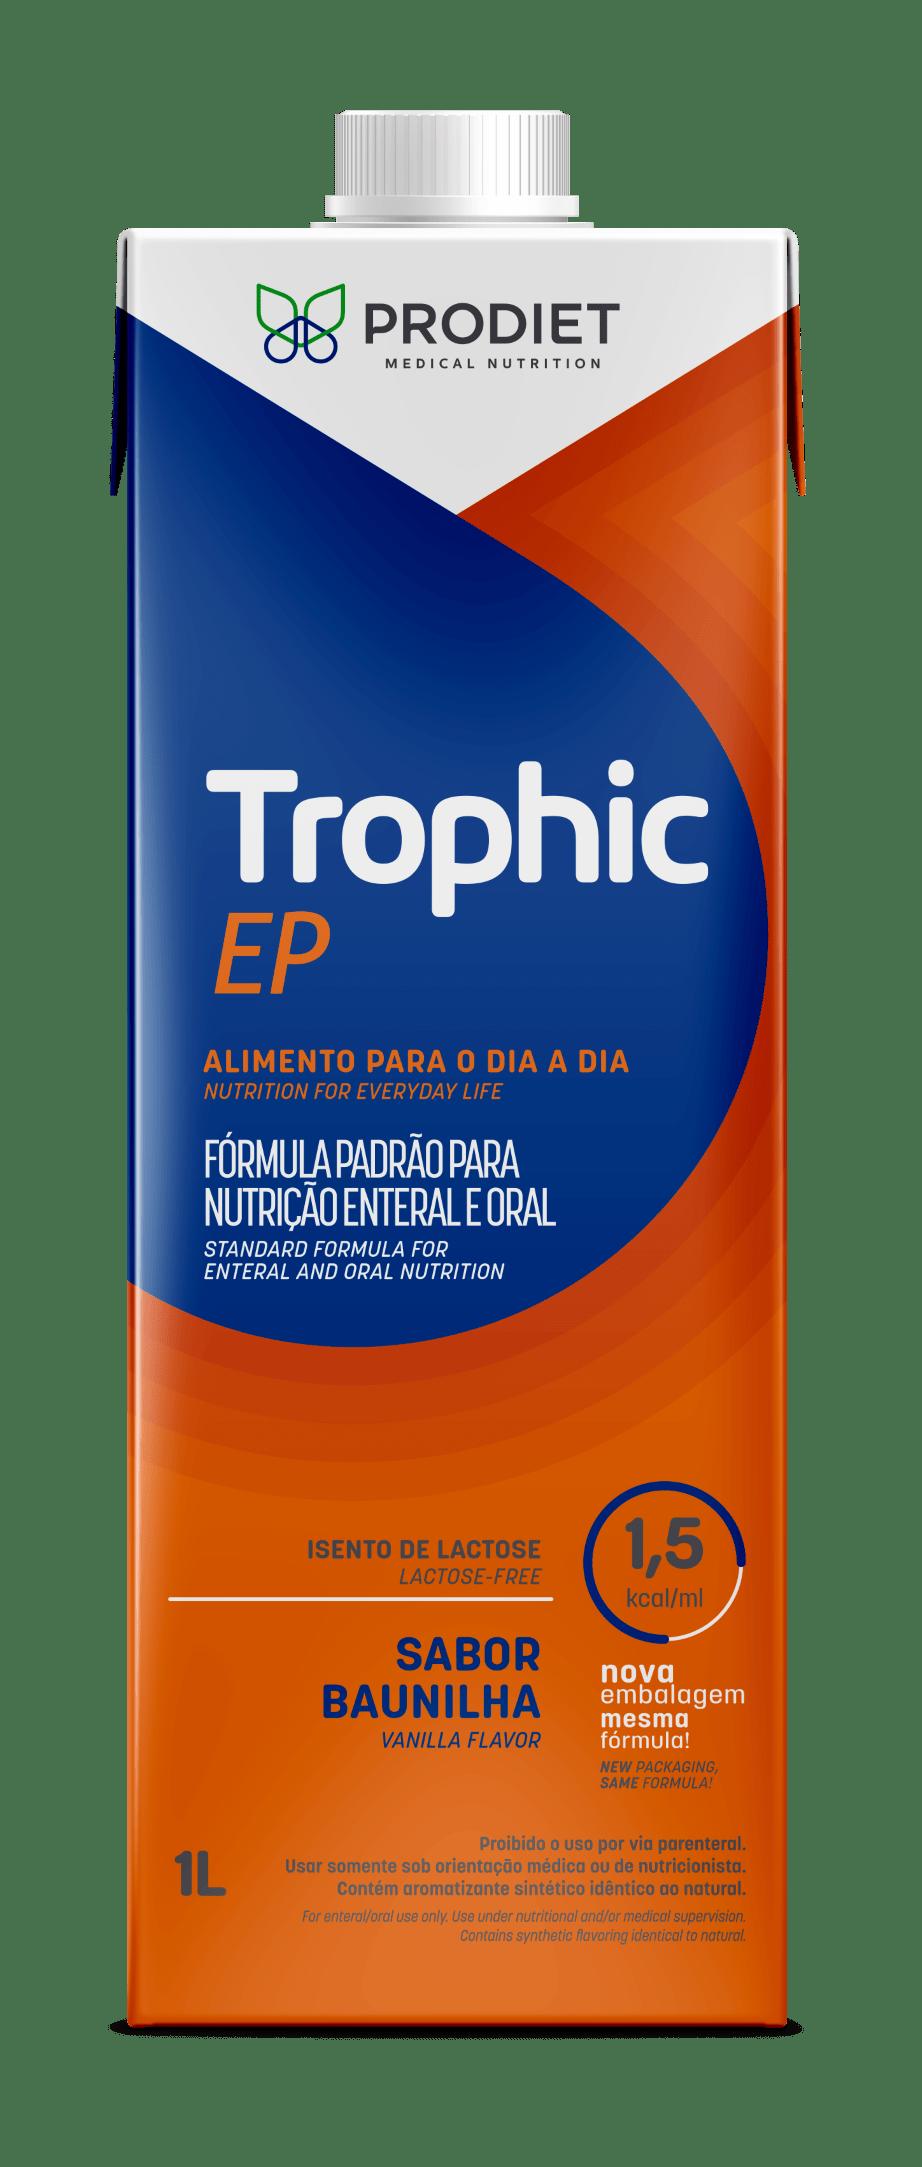 Trophic-Ep